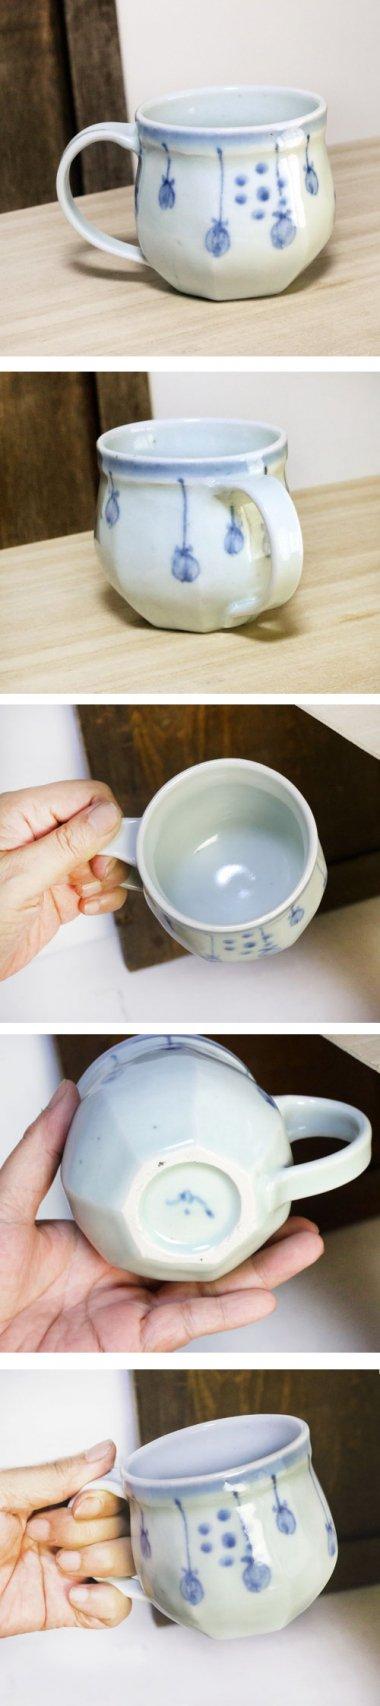 山中窯,口径約8.5cm×高さ8.3cm,磁器